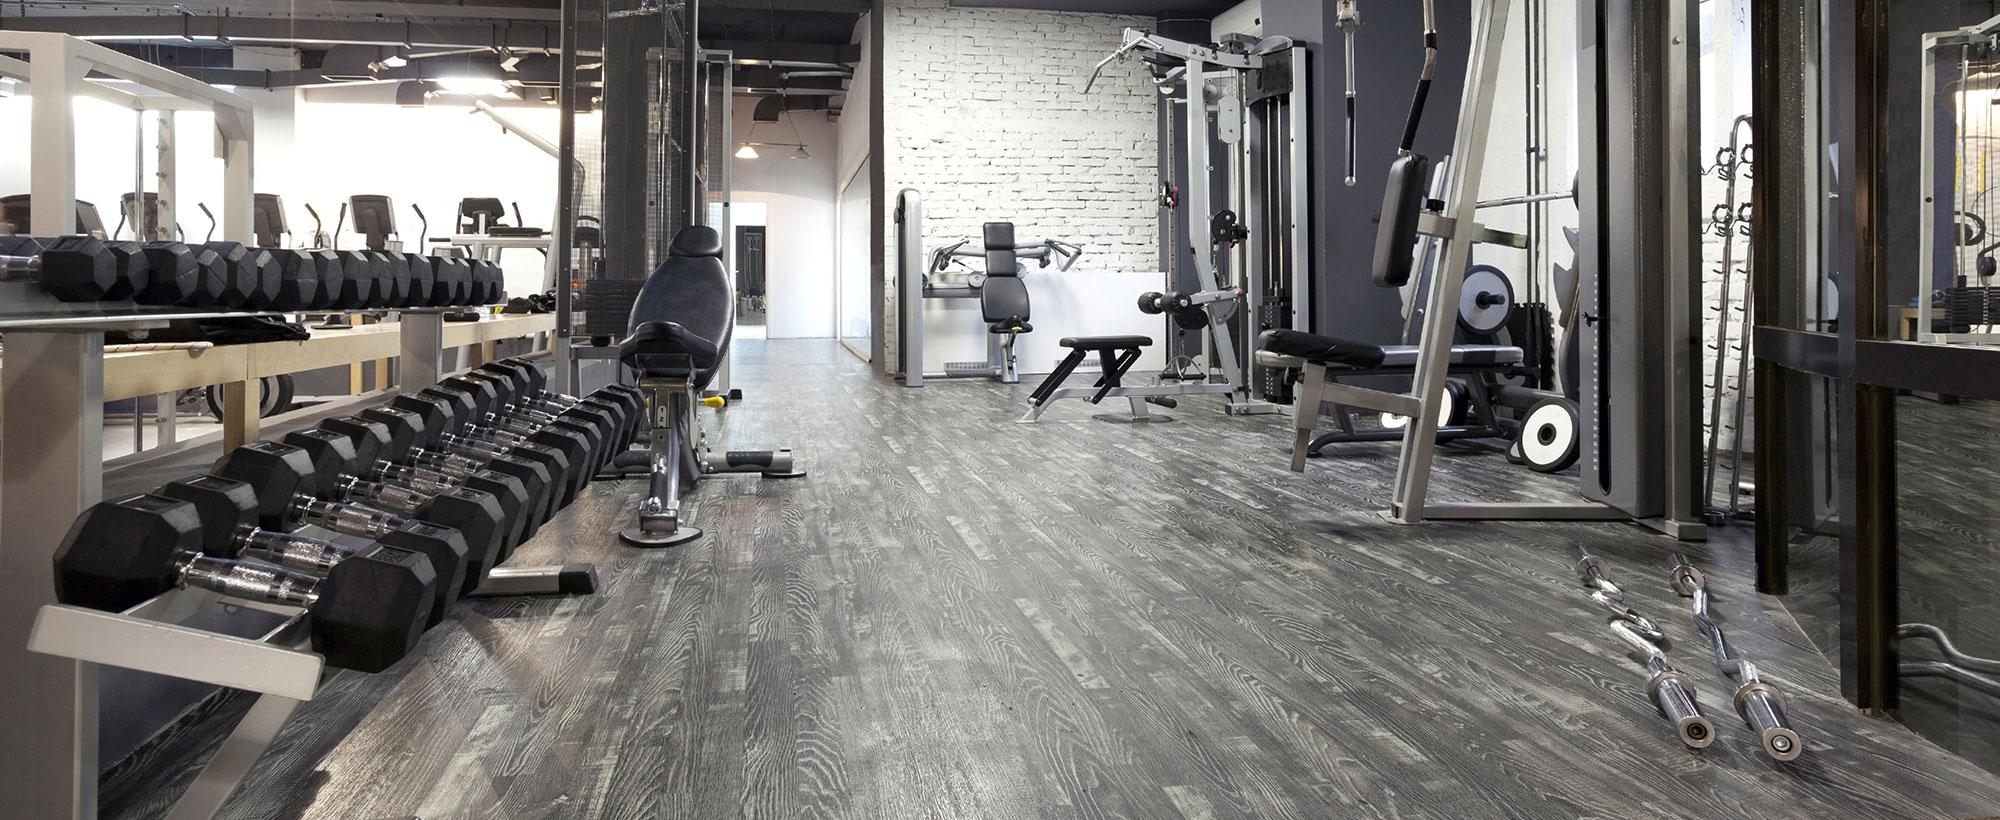 2XL Fitness